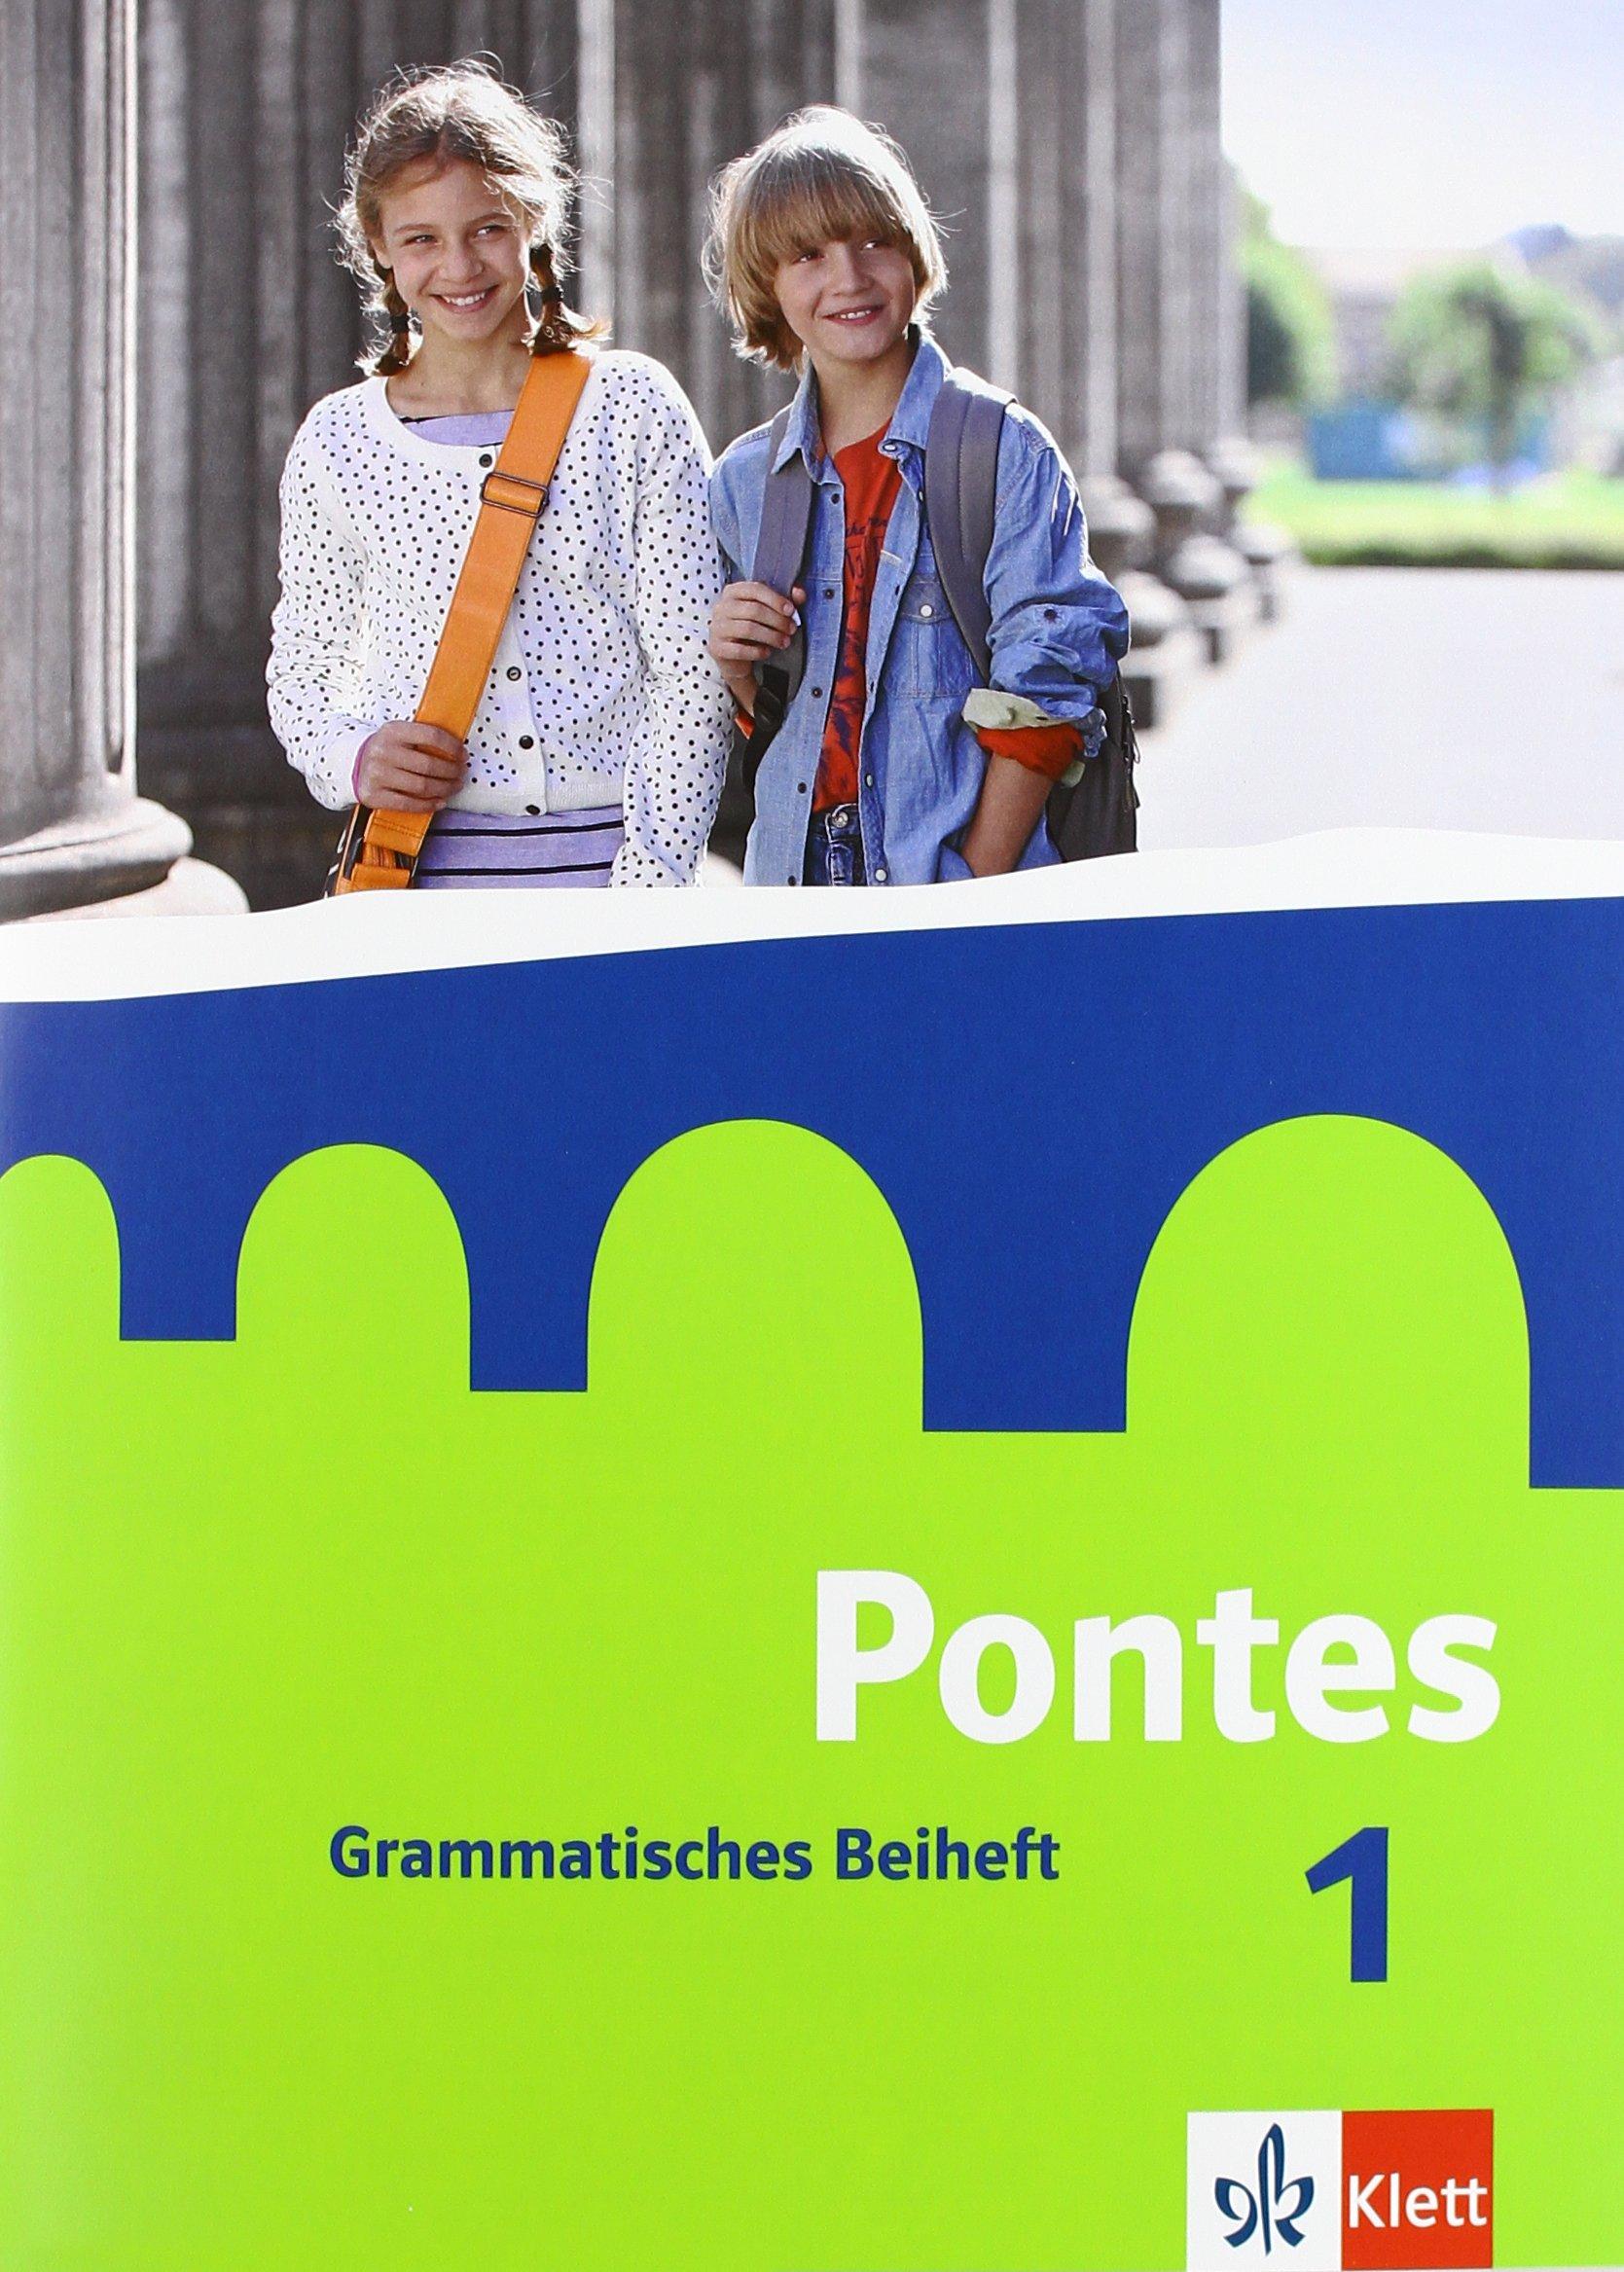 Pontes 1: Grammatisches Beiheft 1. Lernjahr (Pontes. Ausgabe ab 2014) (Latein) Taschenbuch – 1. Januar 2014 Klett 3126223028 Schulbücher für die Sekundarstufe II